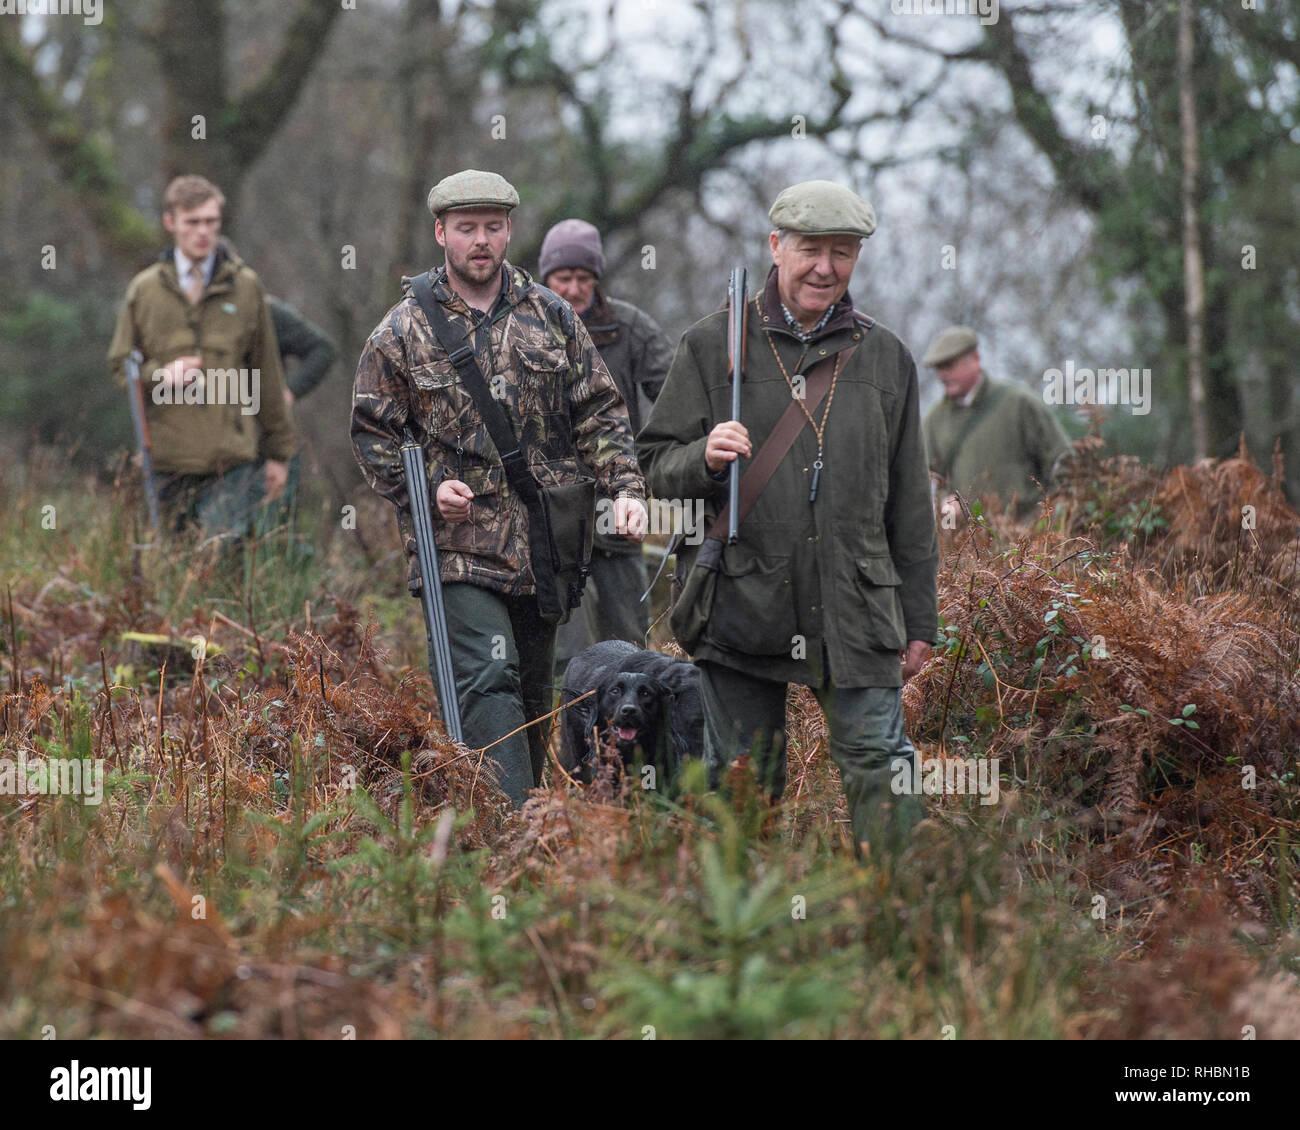 Gruppe von Jägern mit Gewehren zu Fuß Stockbild